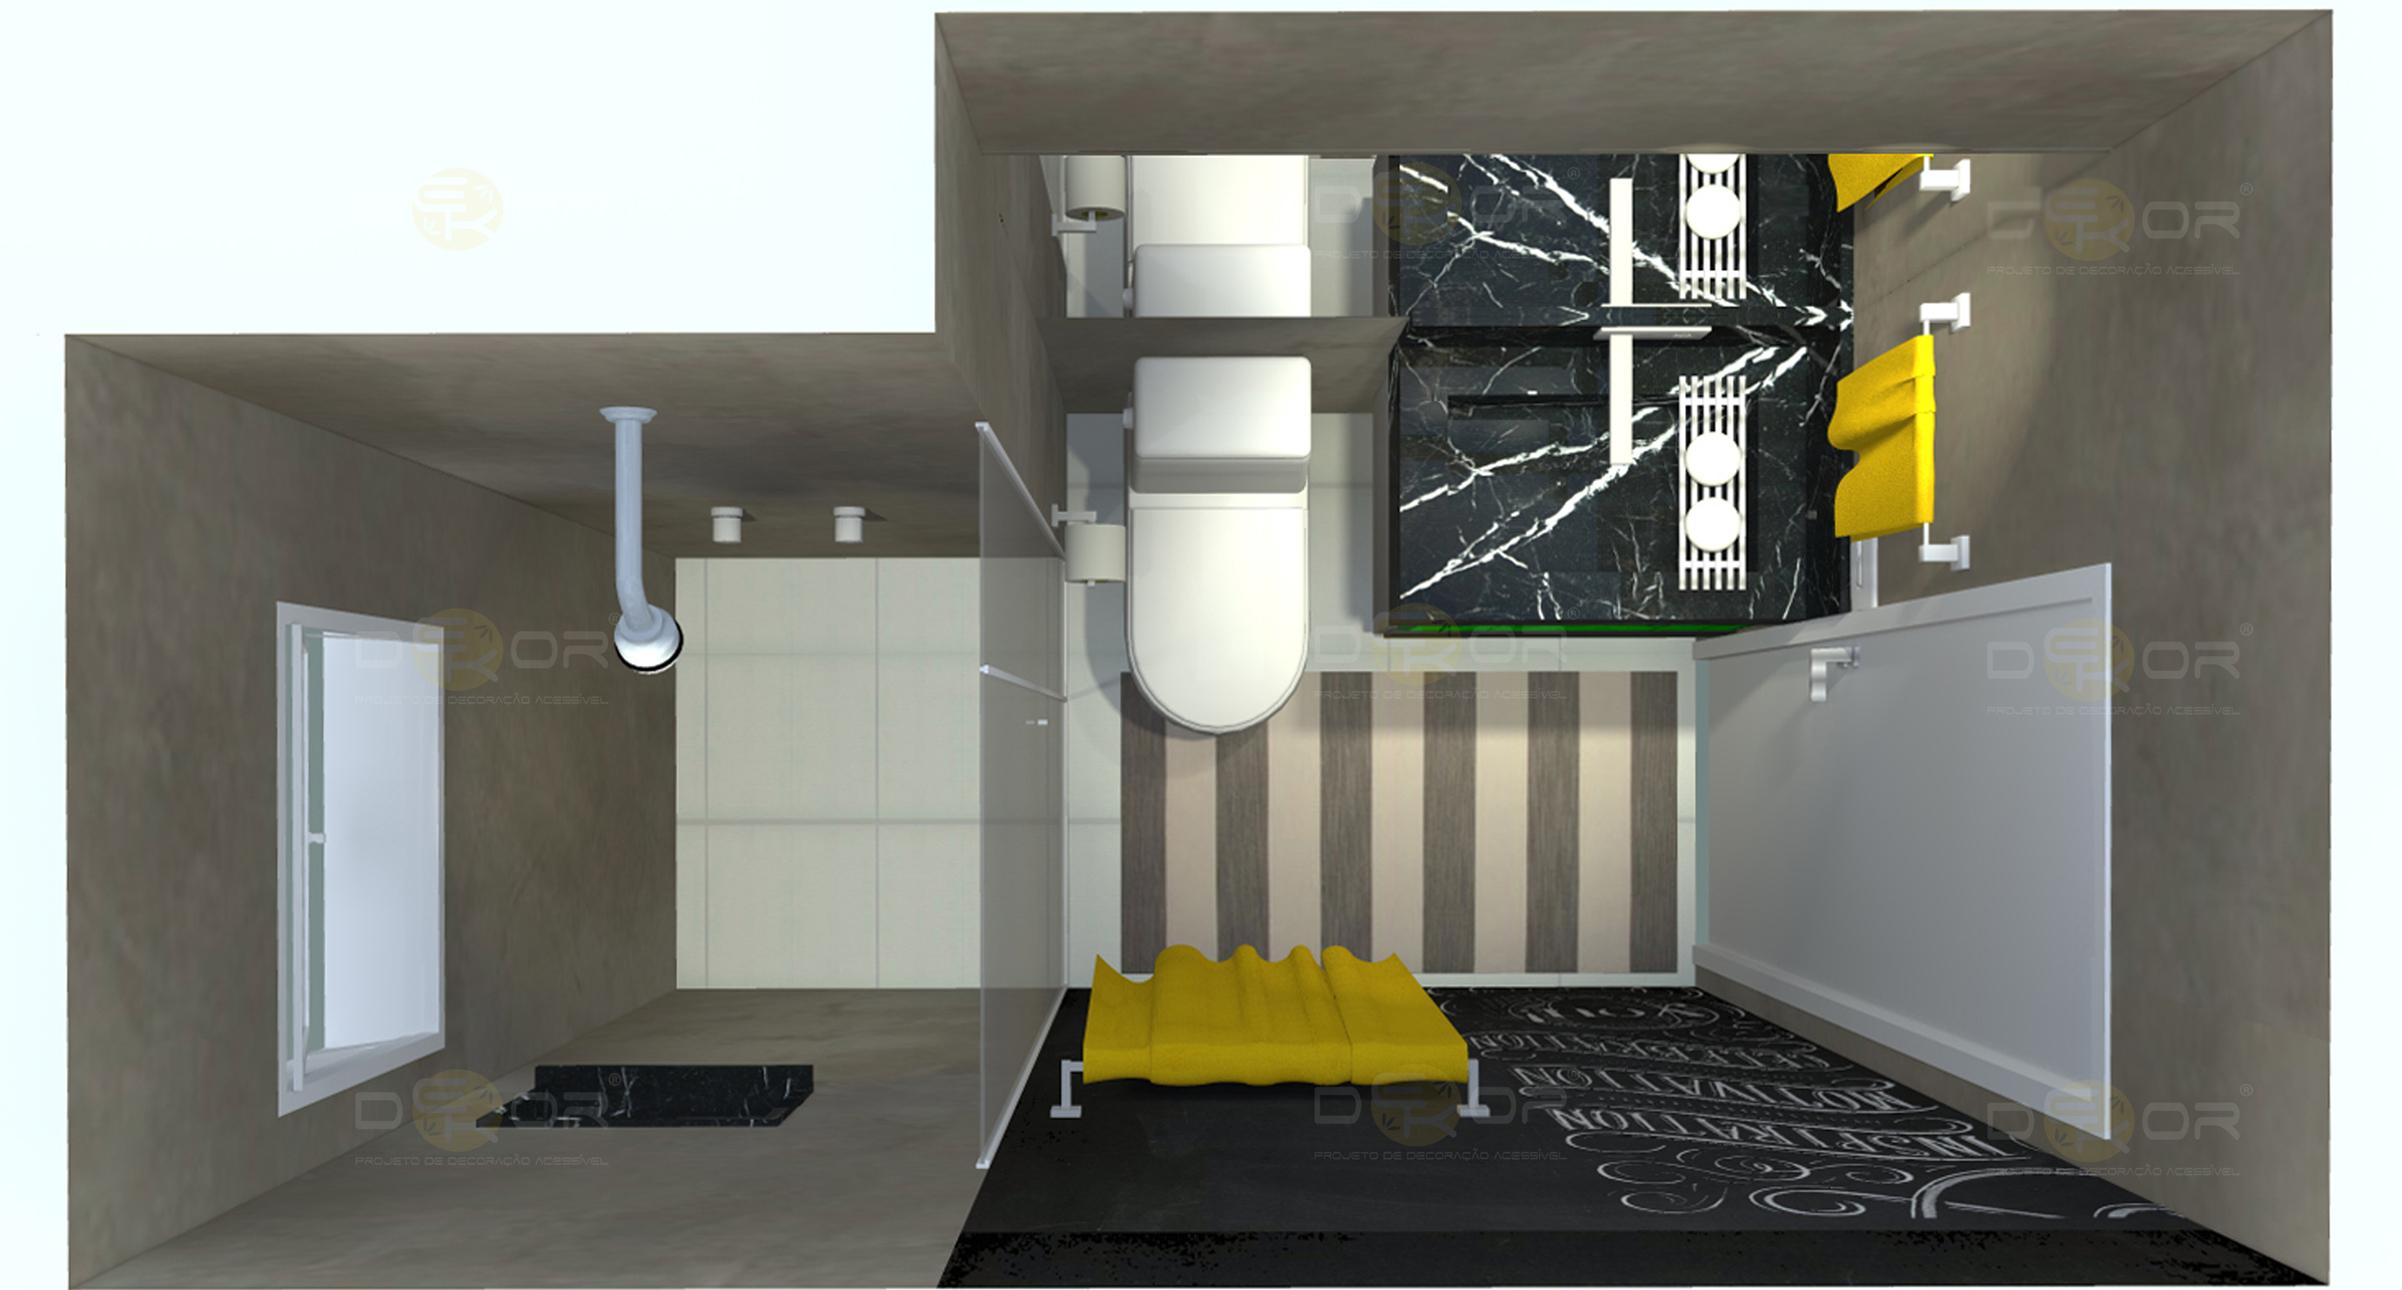 Projeto de Banheiro – Decoração Online #8 Erika Karpuk #BE9C0D 2402 1290